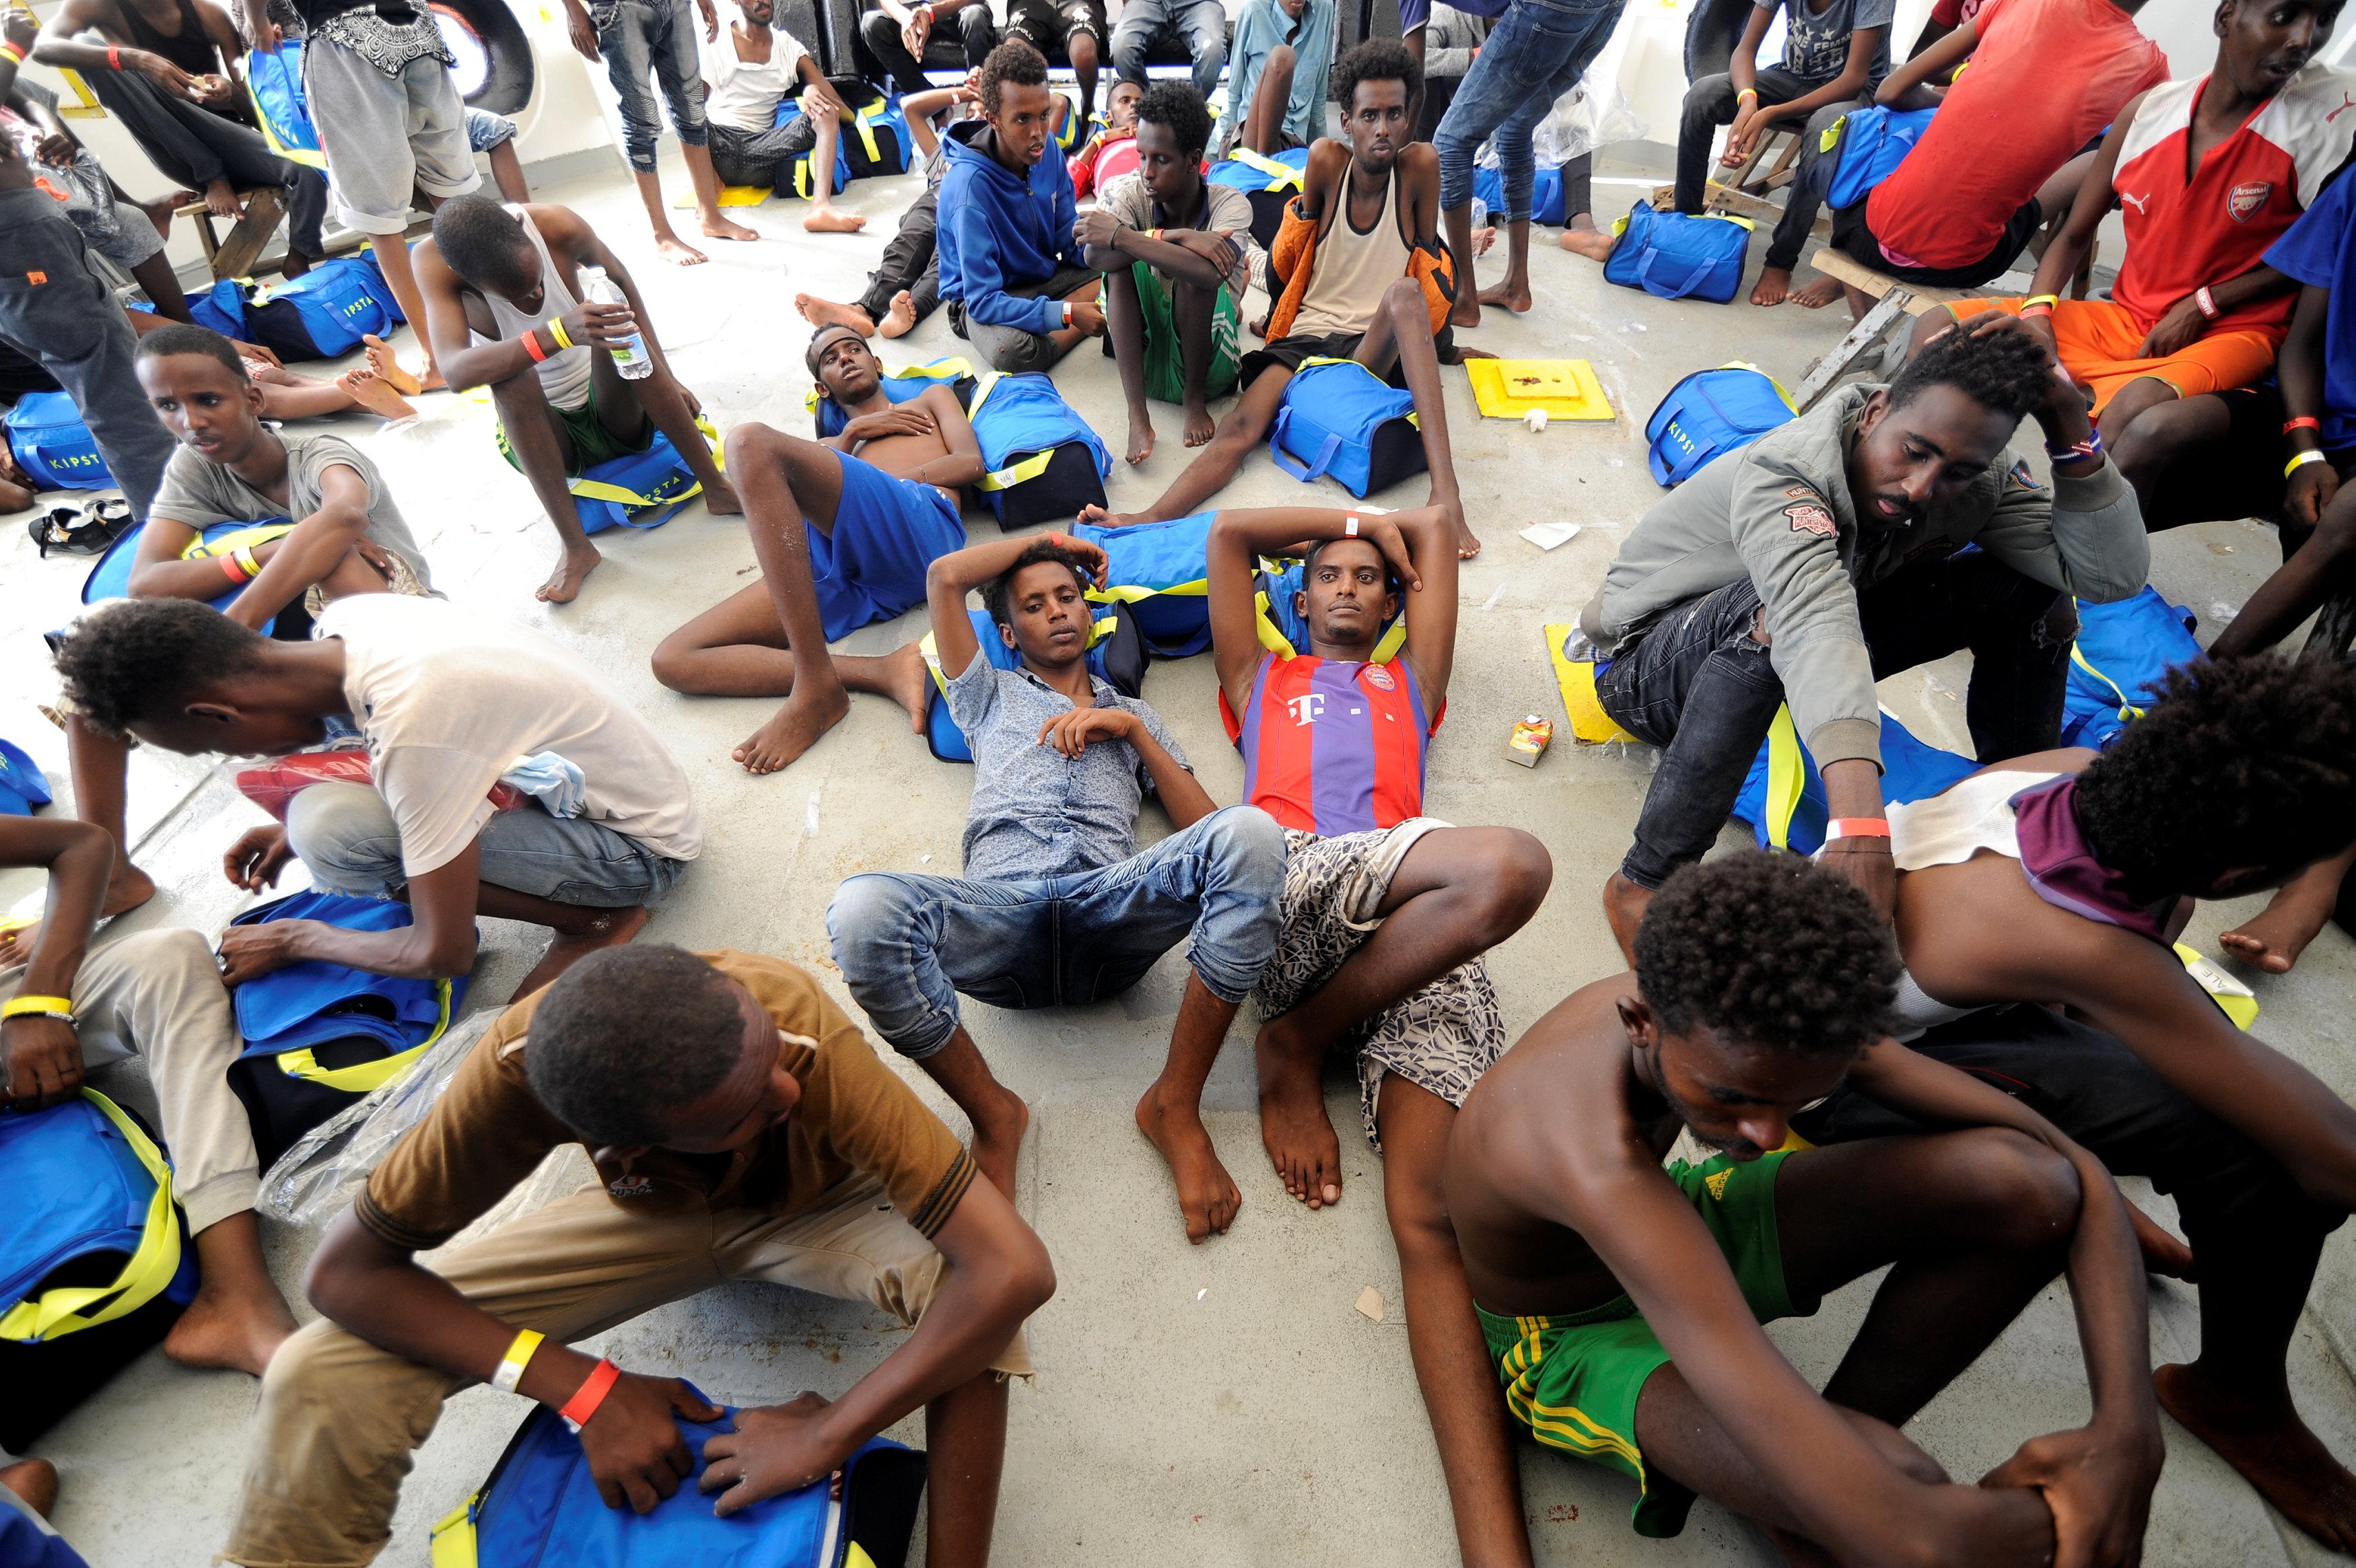 المهاجرين يستريحون بعد انقاذهم